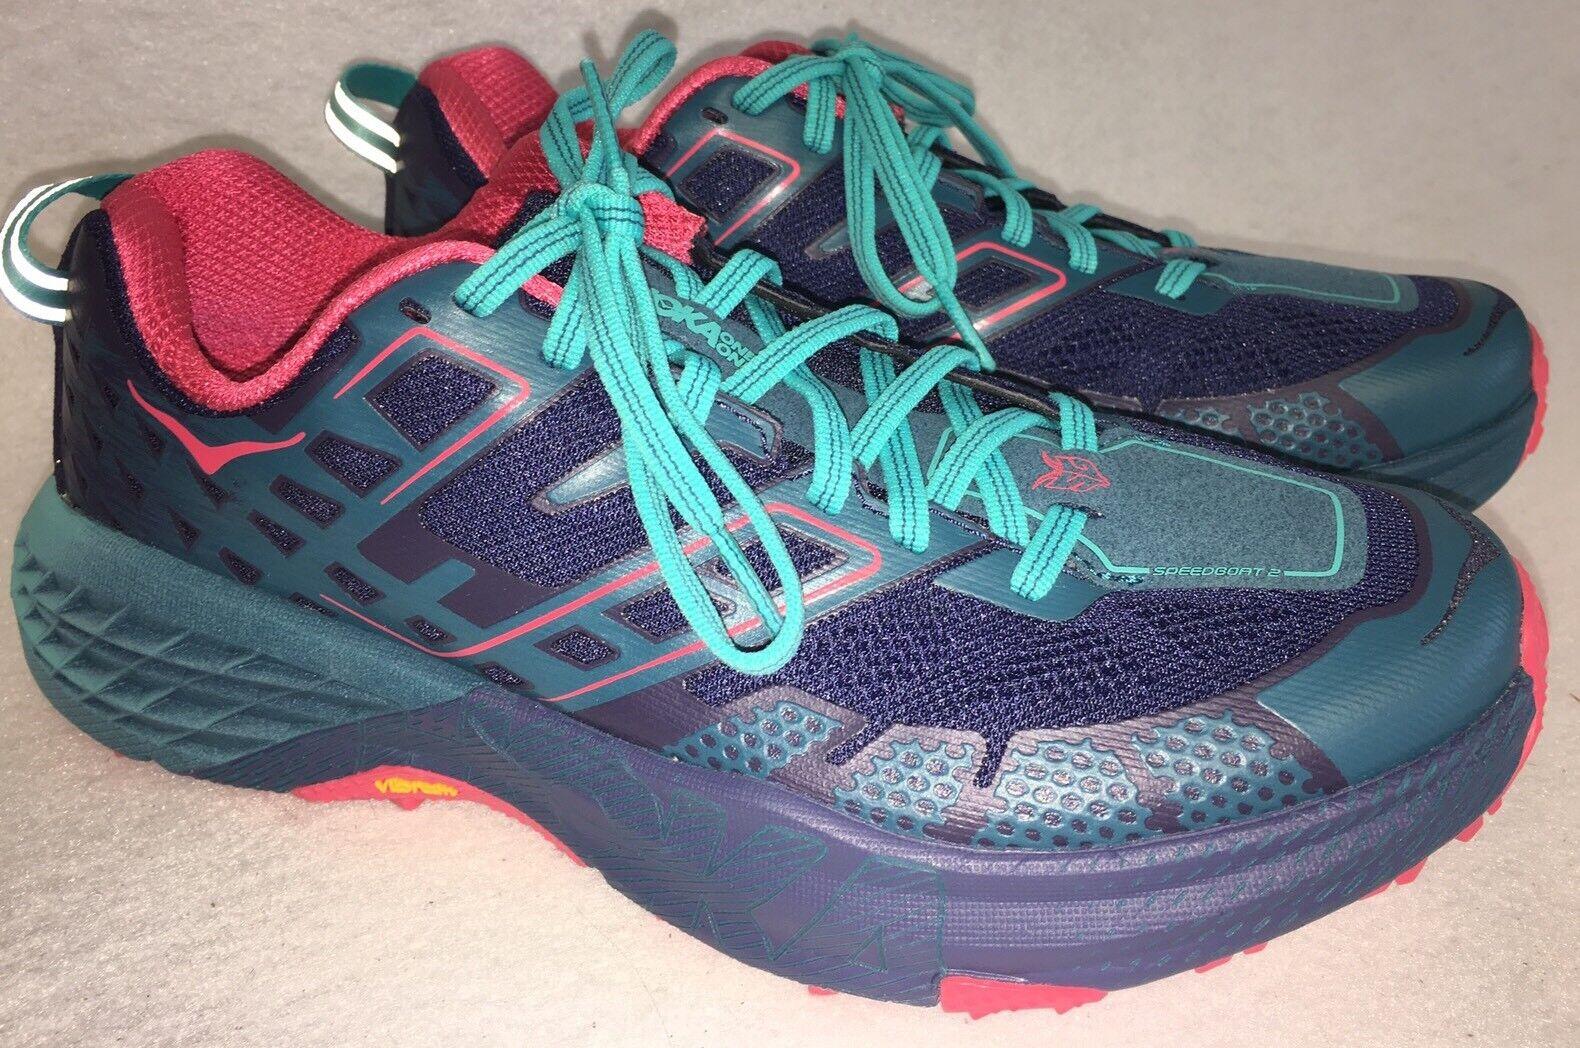 Hoka One One Speedgoat 2 Women's Trail Running shoes Peacoat   Ceramic 1016796